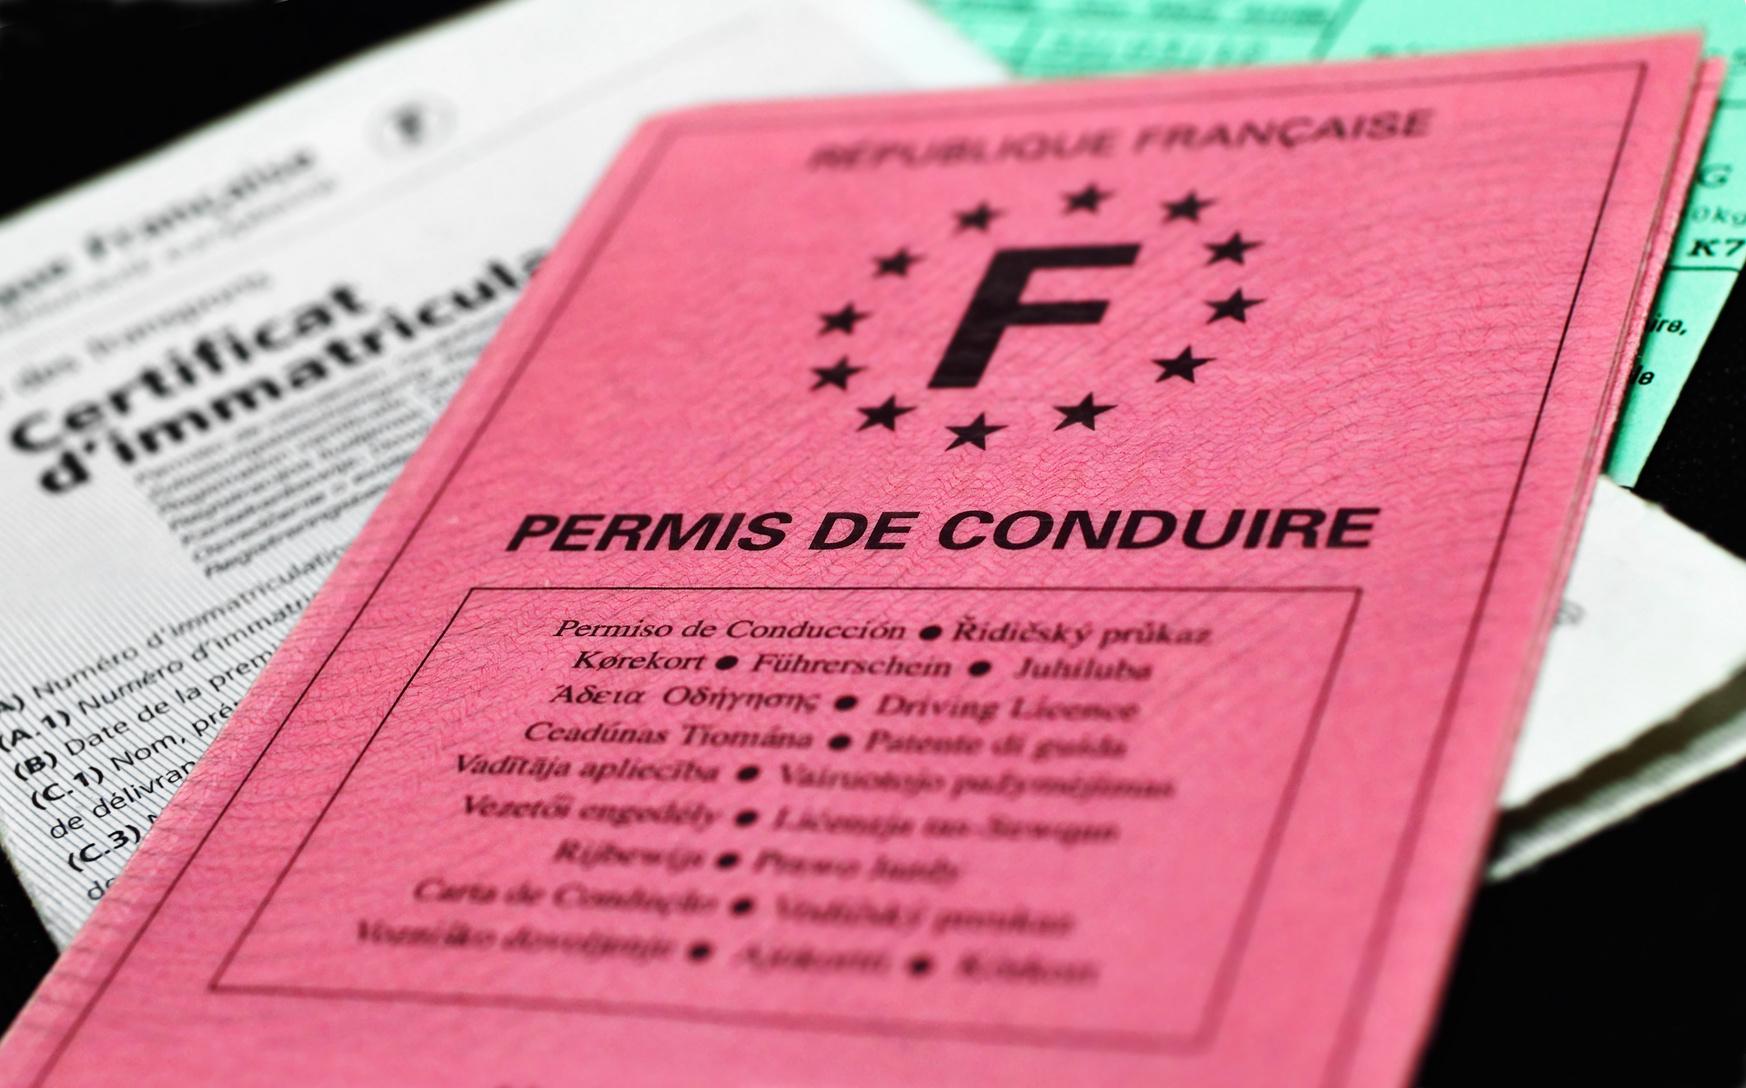 Refaire Carte Grise Perte Vol Deterioration Gagner Voiture Fr